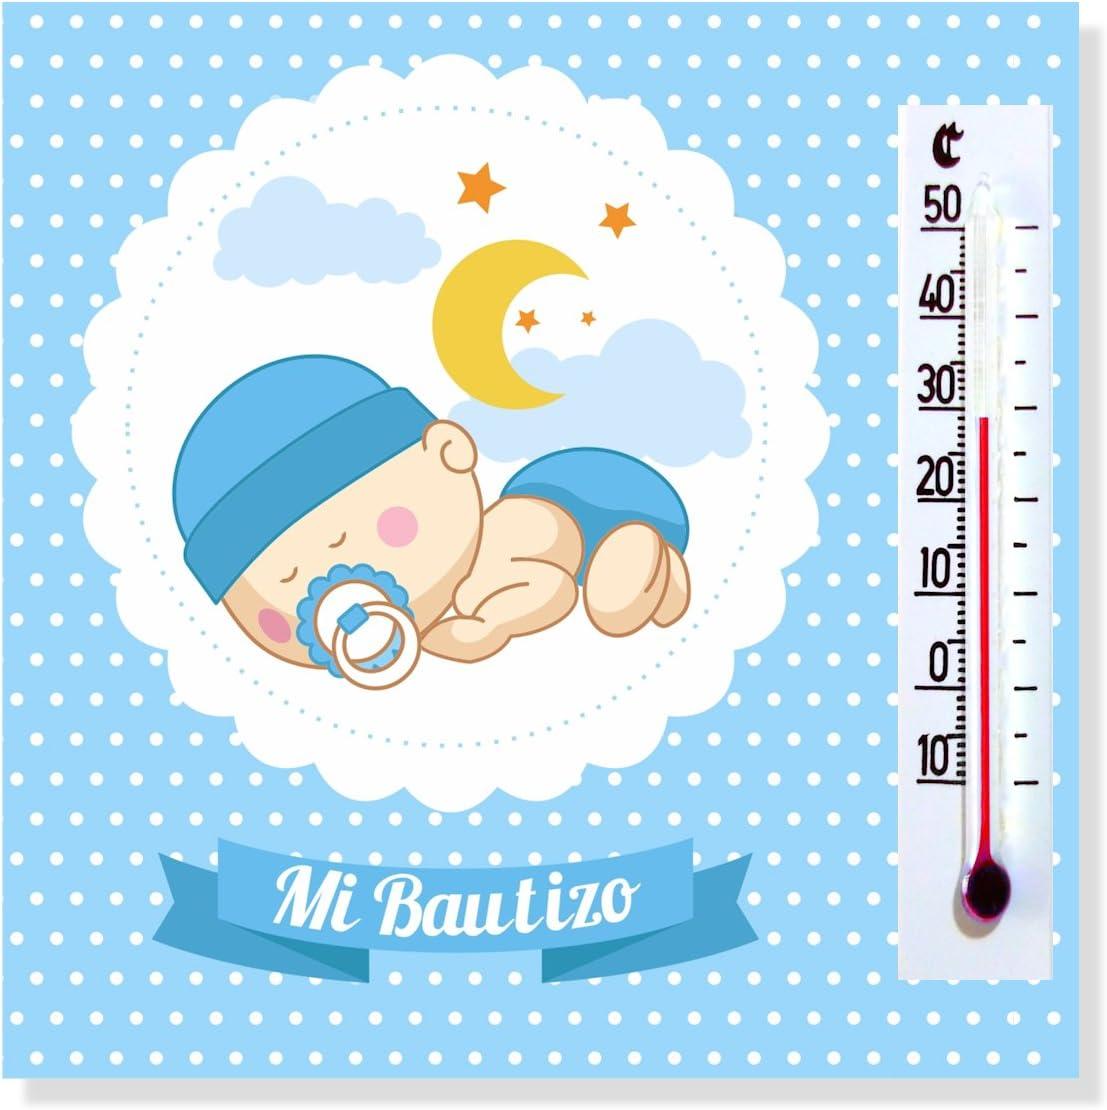 Detalles y Regalos de Bautizo Niño para invitados - Imanes con termómetro como Recuerdo de Bautizo - Bonitos y Originales - Pack 40 unidades - ¡Vuestros Amigos y Familiares Alucinarán!